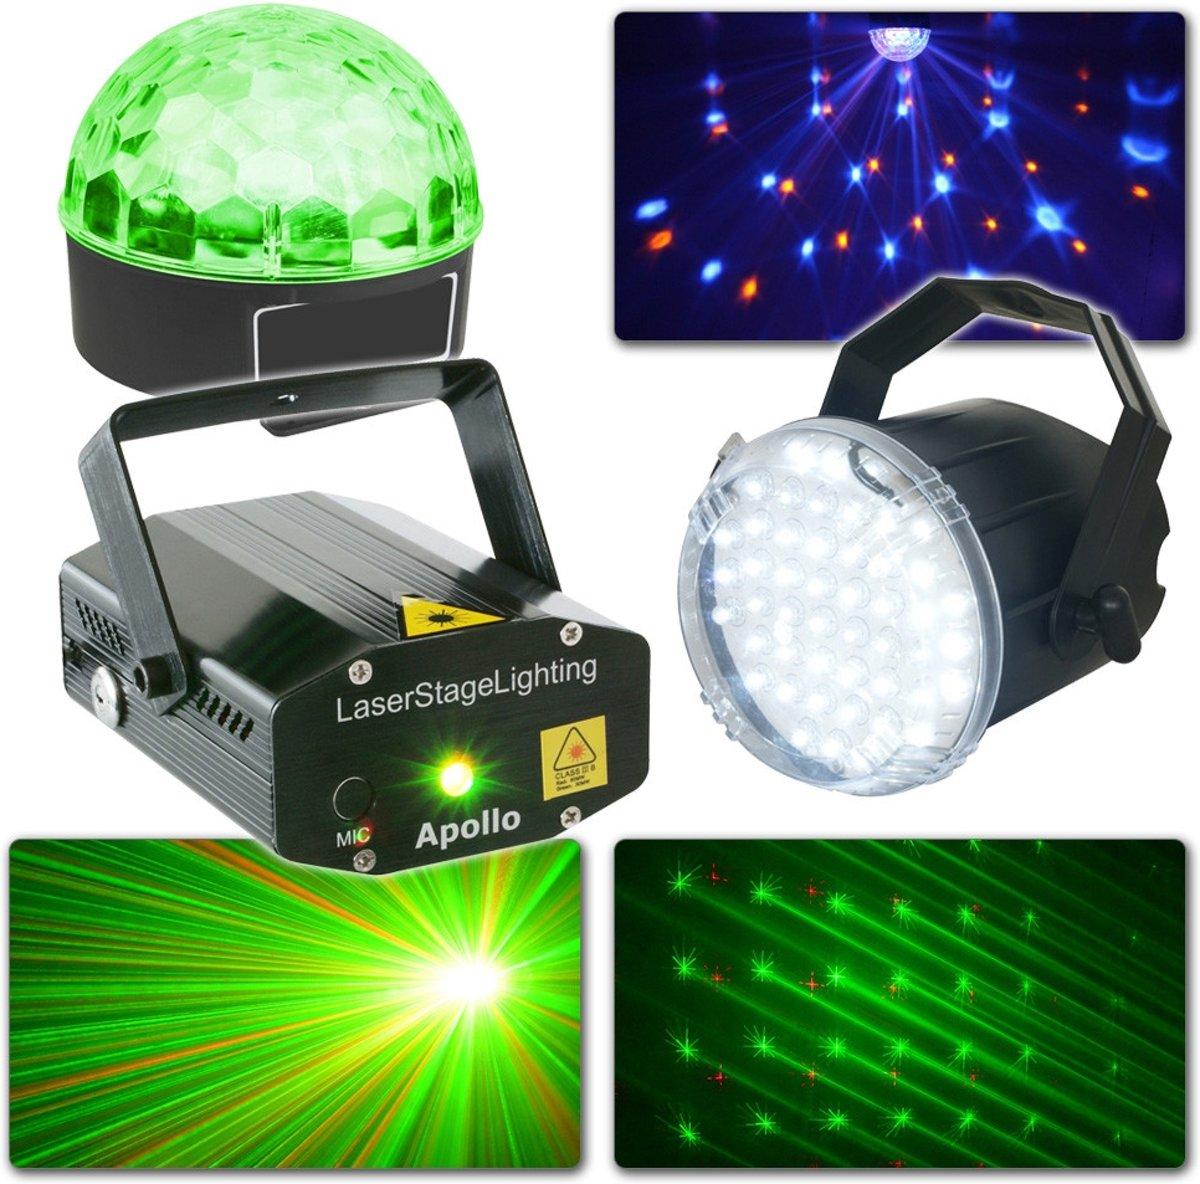 Complete BeamZ lichtset met Laser, Jelly Ball en stroboscoop